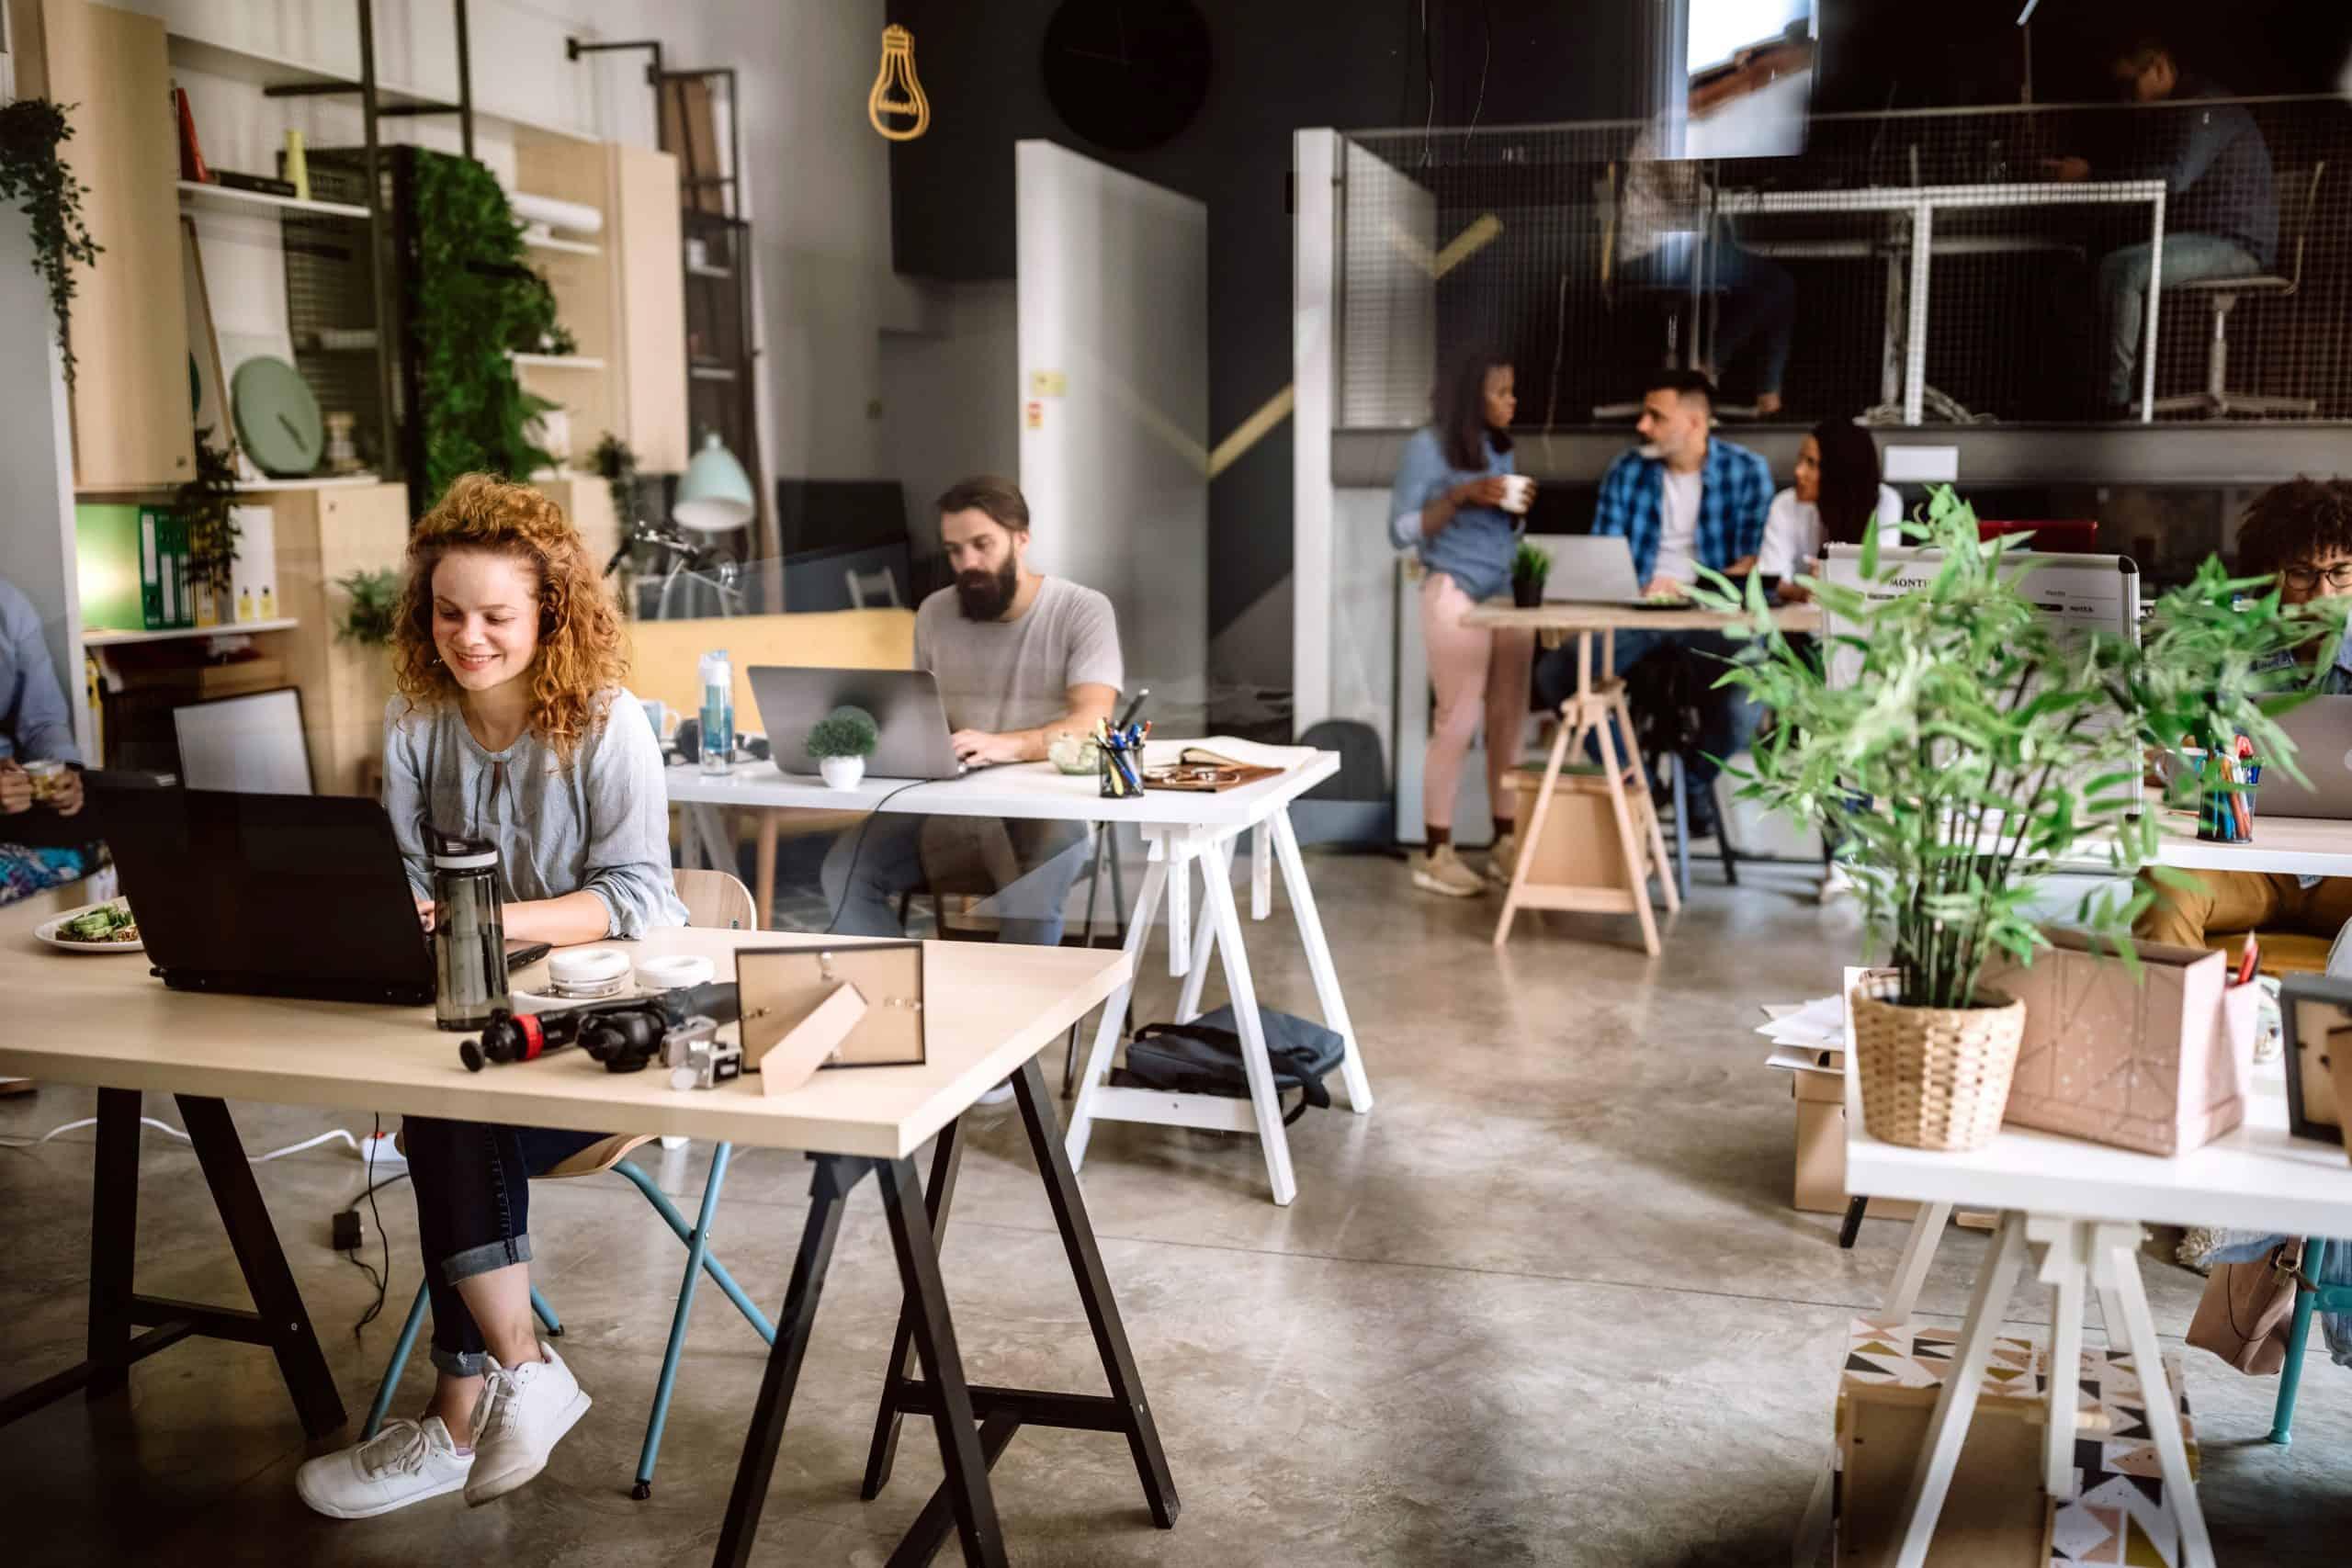 Espacios flexibles, la nueva metodología para regresar a las oficinas 2021